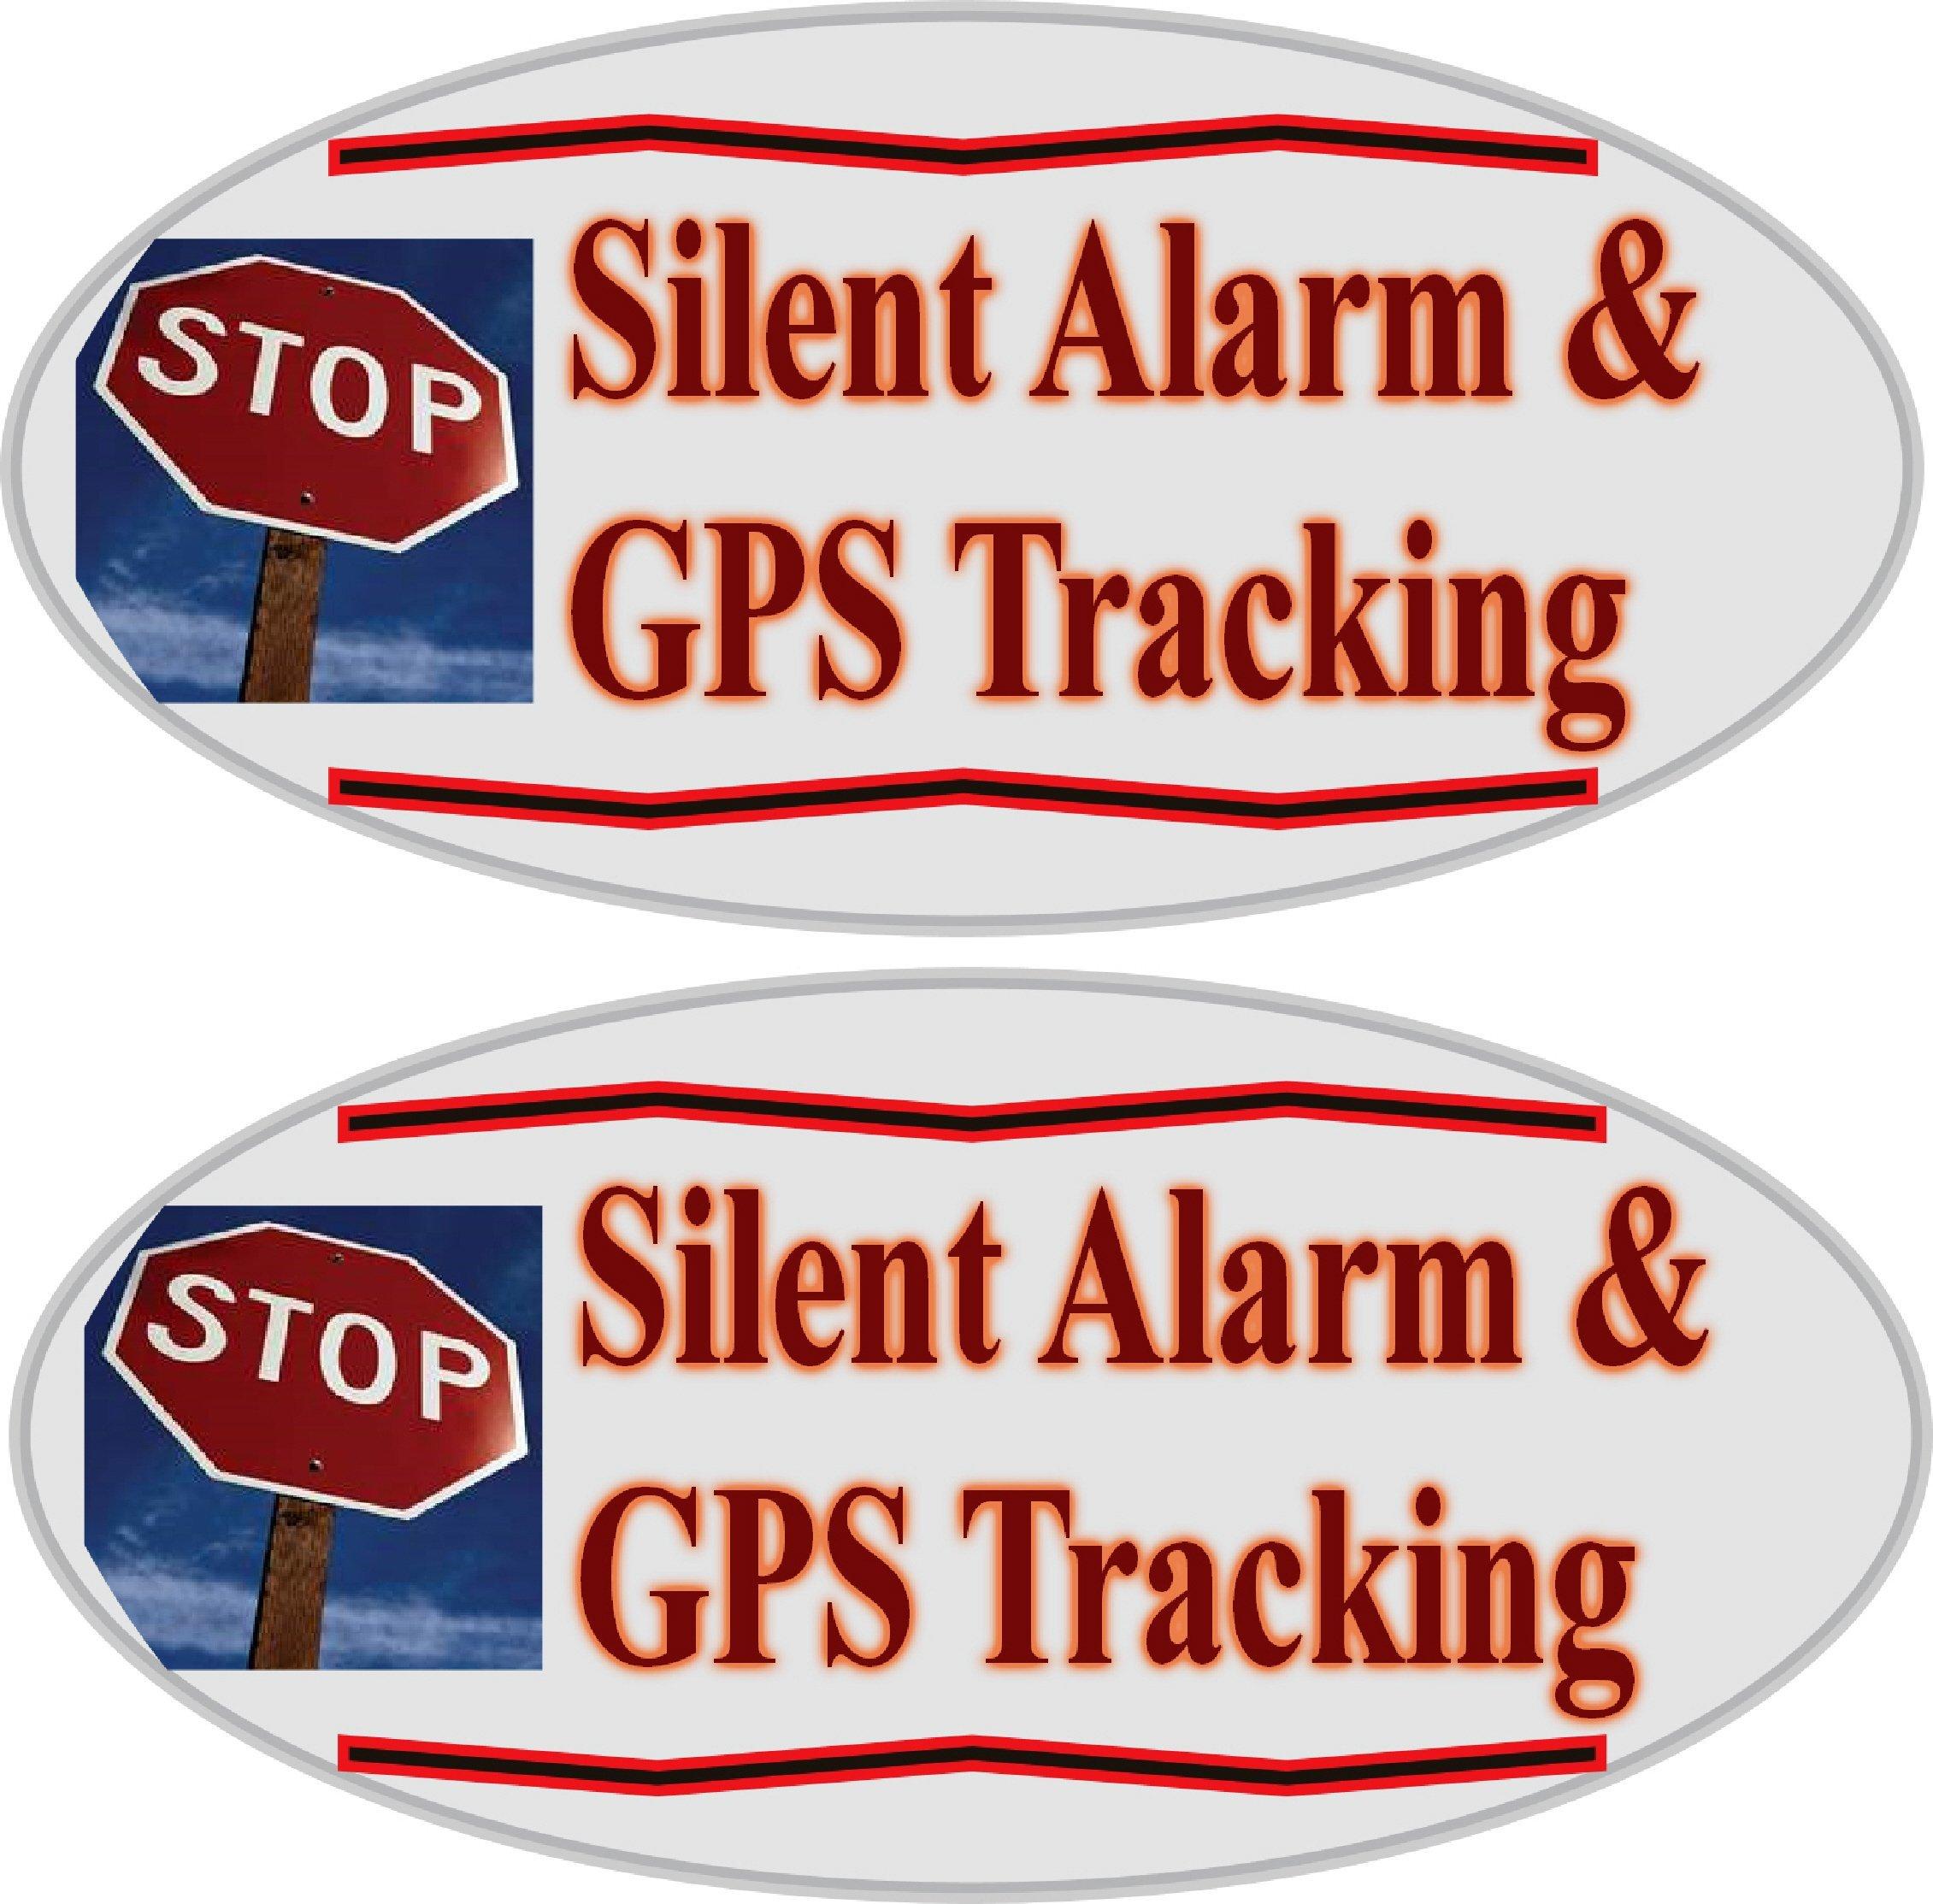 Blinking Flashing LED Auto Theft Deterrent Fake Car Antitheft Alarm